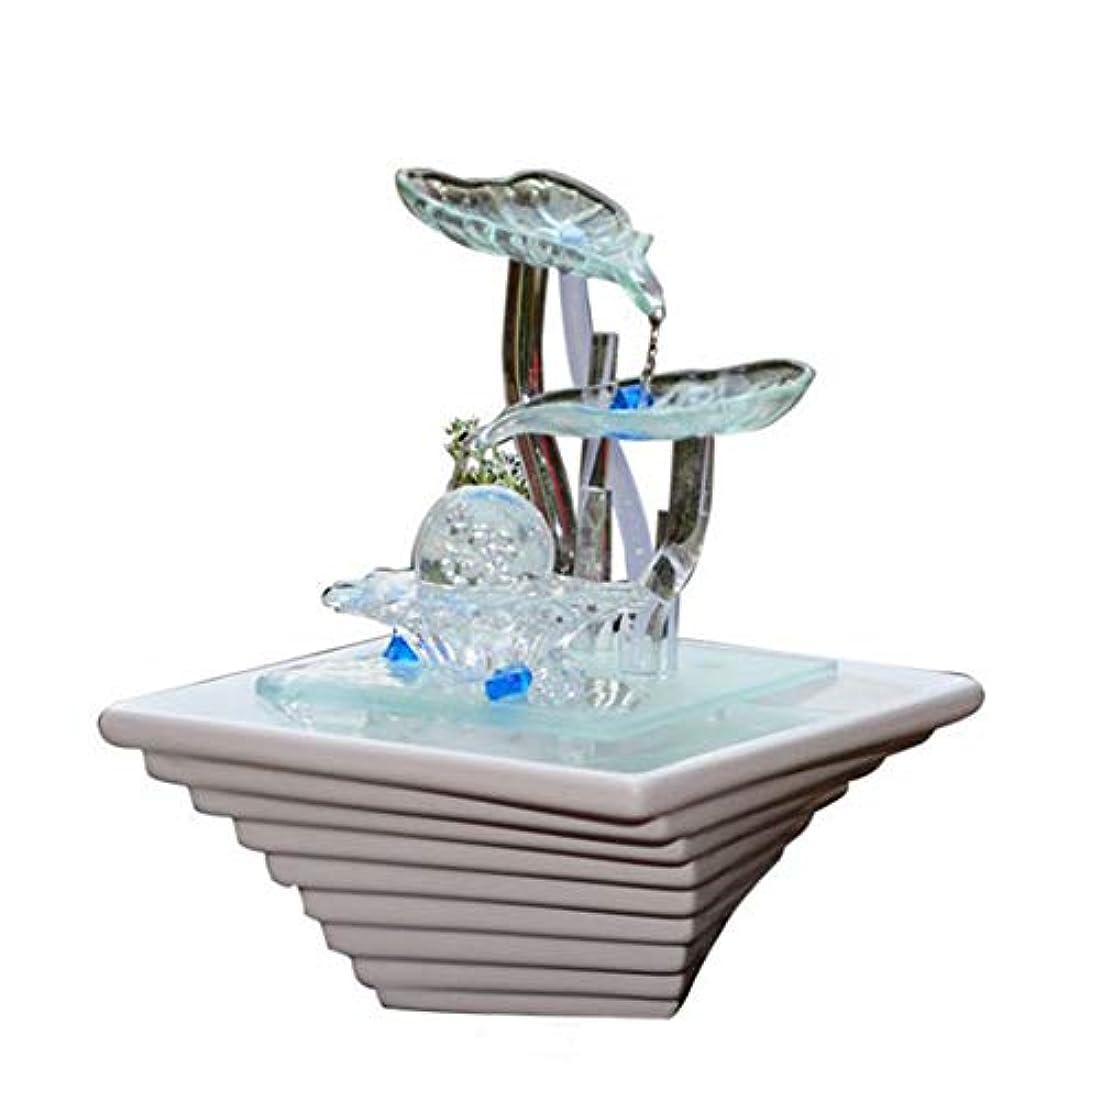 リボン解任未亡人加湿器ホームデスクトップの装飾セラミックガラス工芸品の装飾品噴水装飾品バレンタインデー結婚式の誕生日パーフェクトギフト